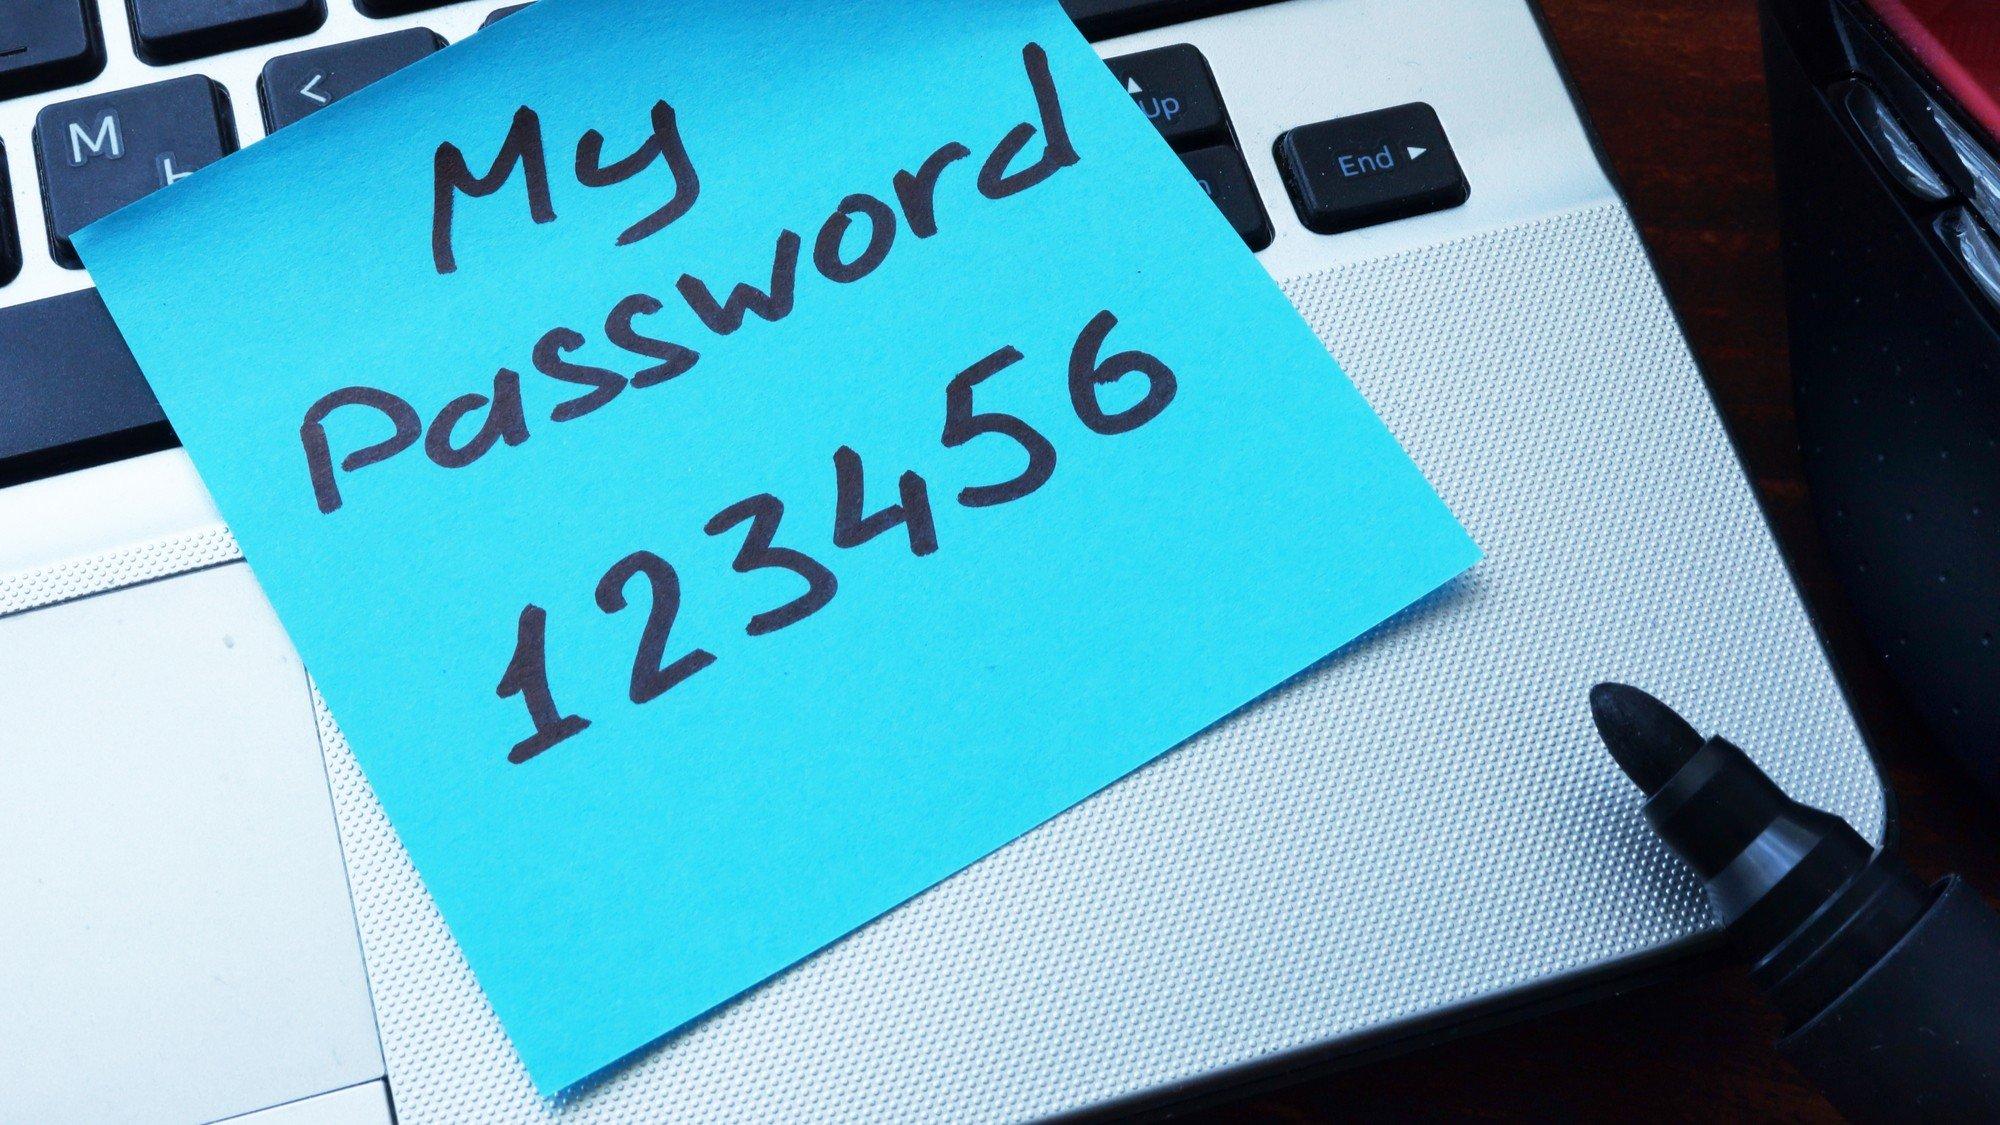 В топ-5 менеджеров паролей для Windows 10 обнаружены уязвимости